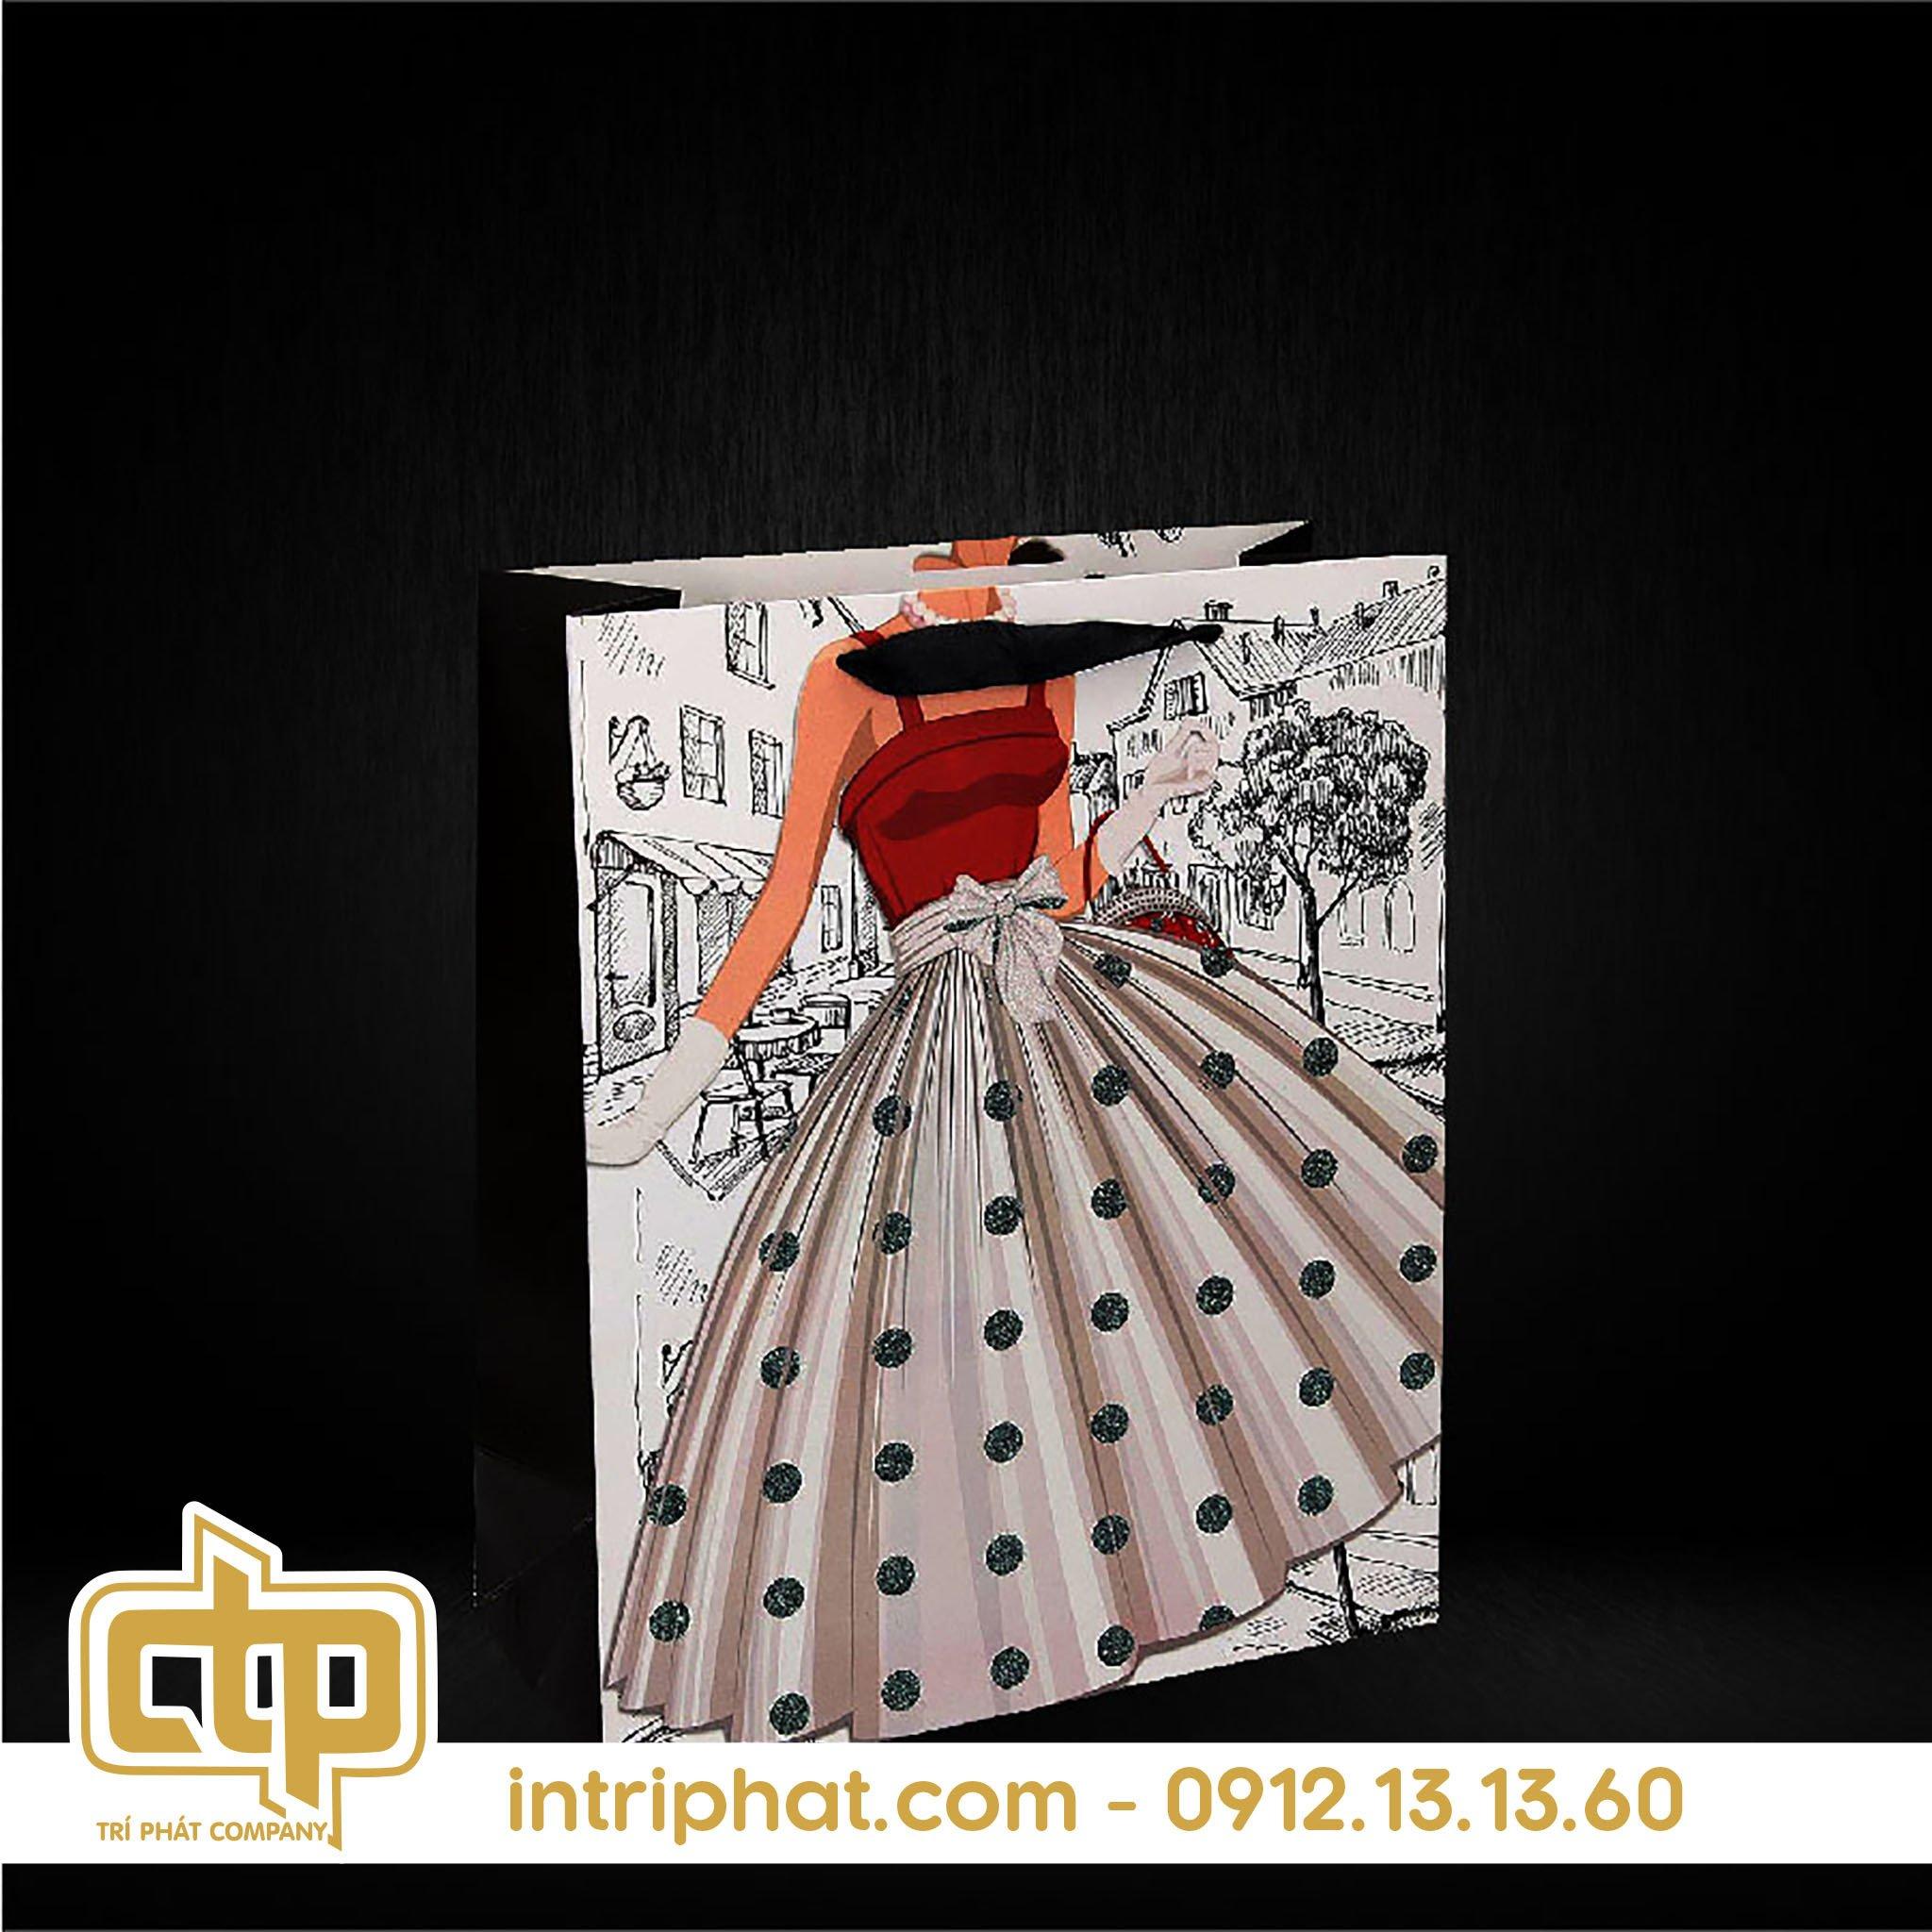 mẫu túi giấy đựng quần áo tạo In Bao Bì Trí Phát